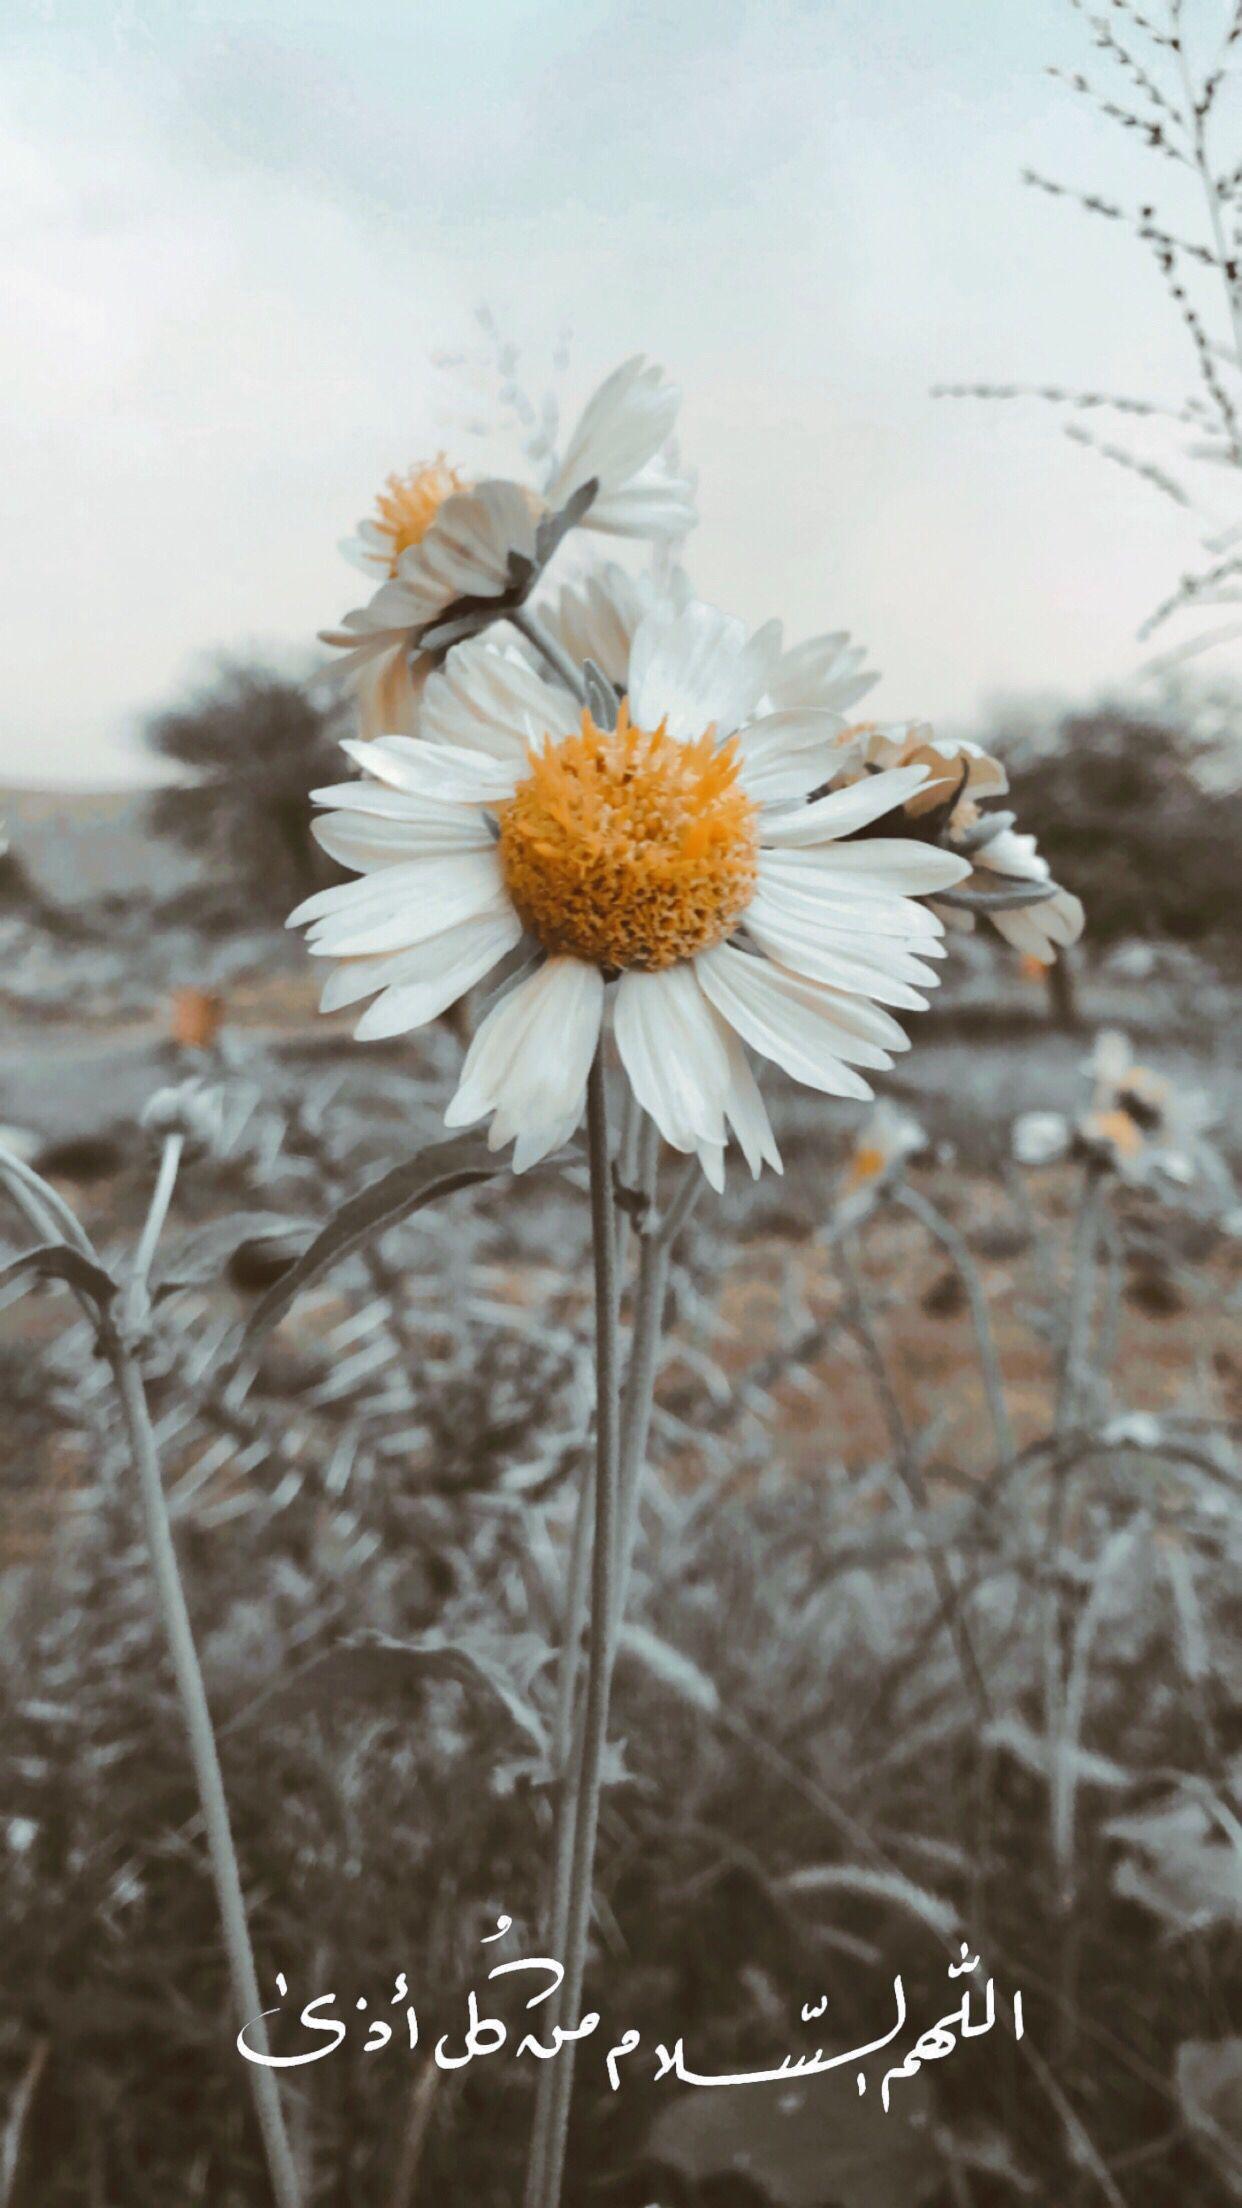 اللهم السلام من كل أذى Landscape Photography Tumblr Photography Quran Wallpaper